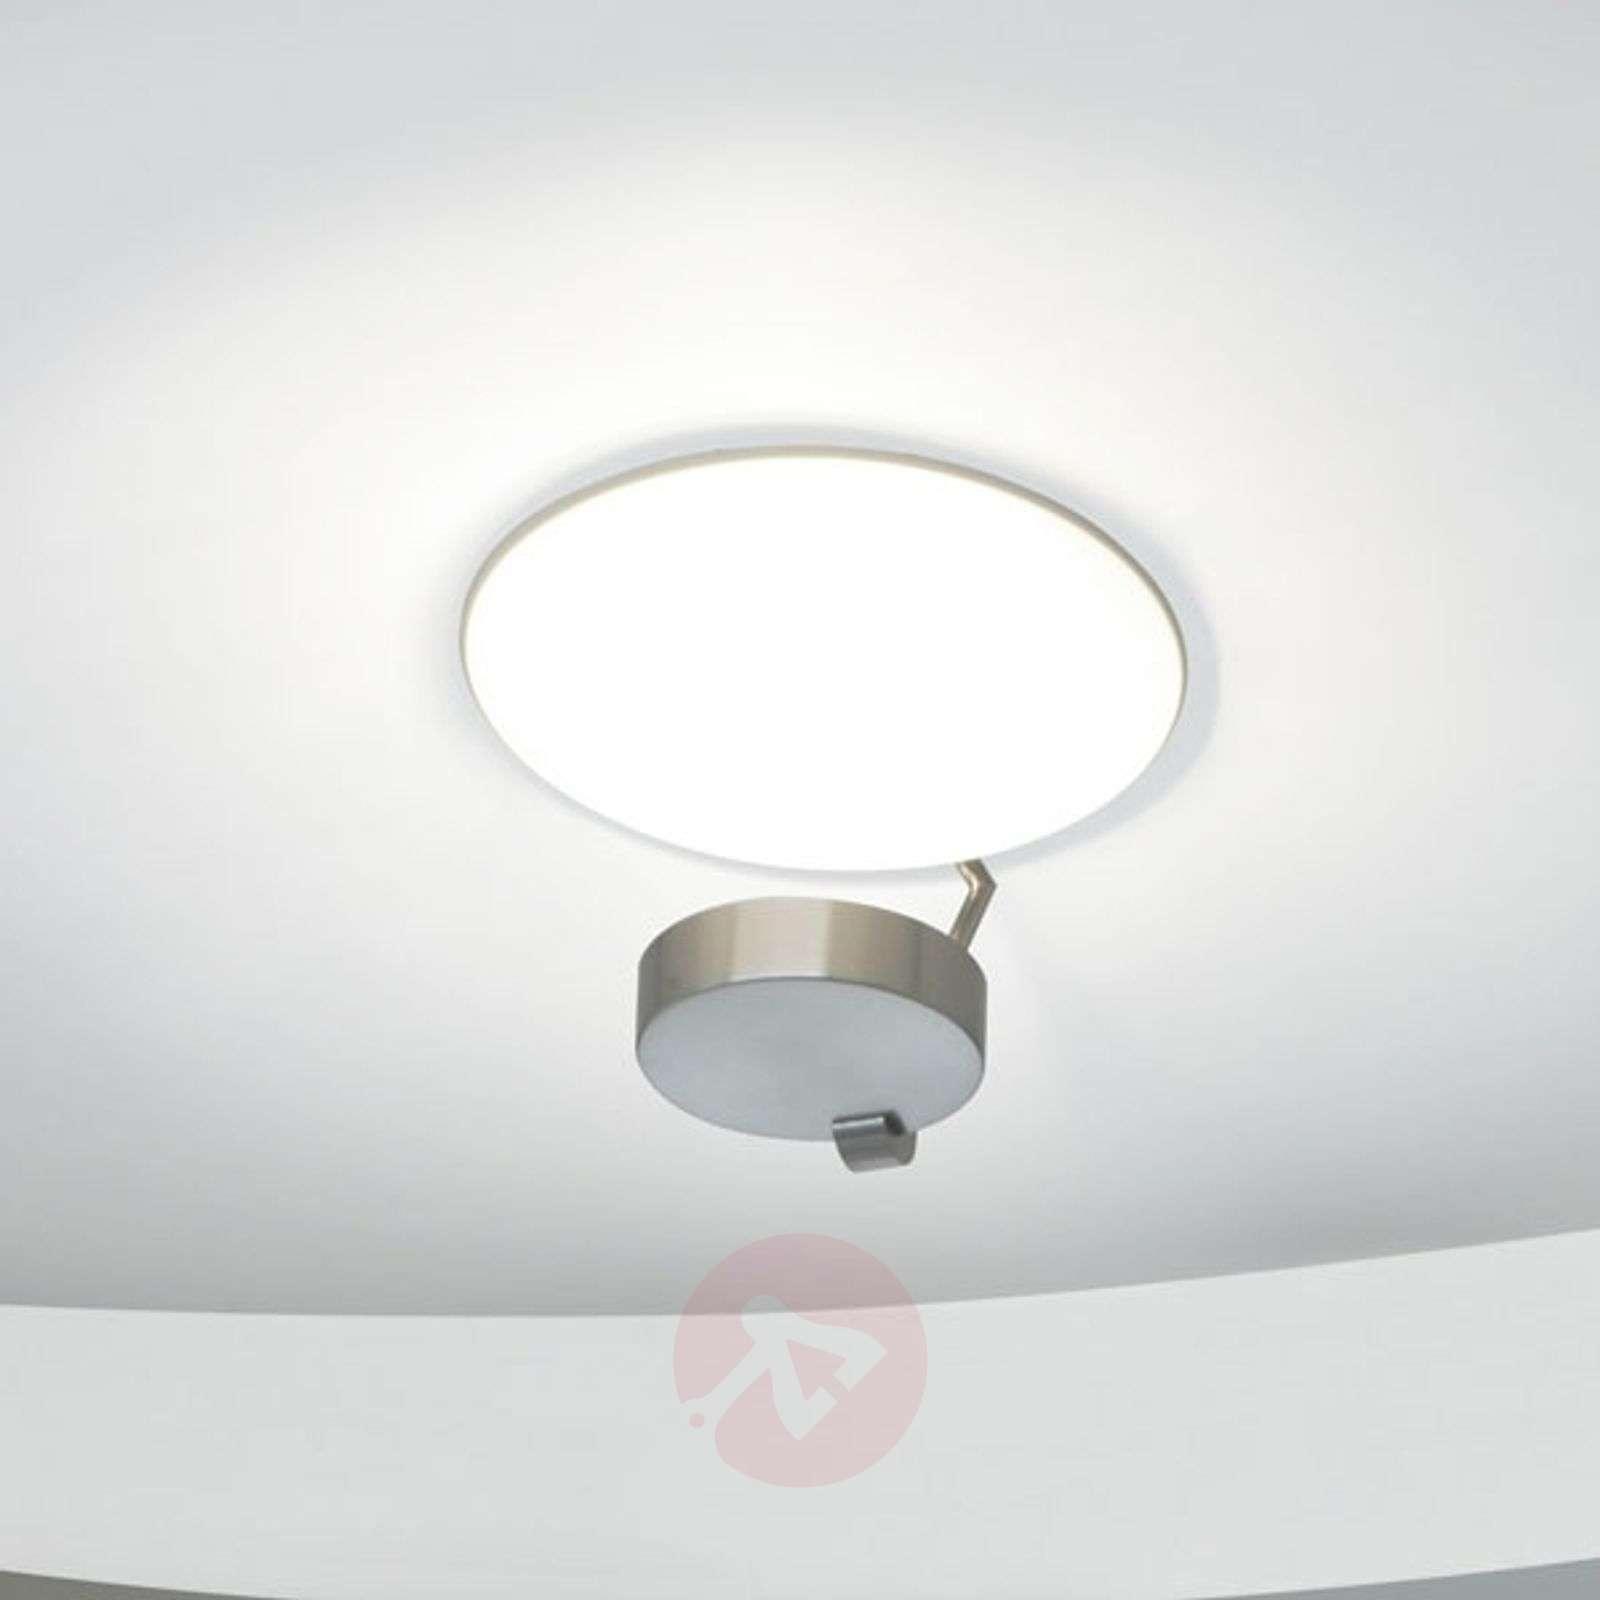 Ibis ultra modern ceiling light 365 cm lights ibis ultra modern ceiling light 365 cm 6027164 01 aloadofball Image collections